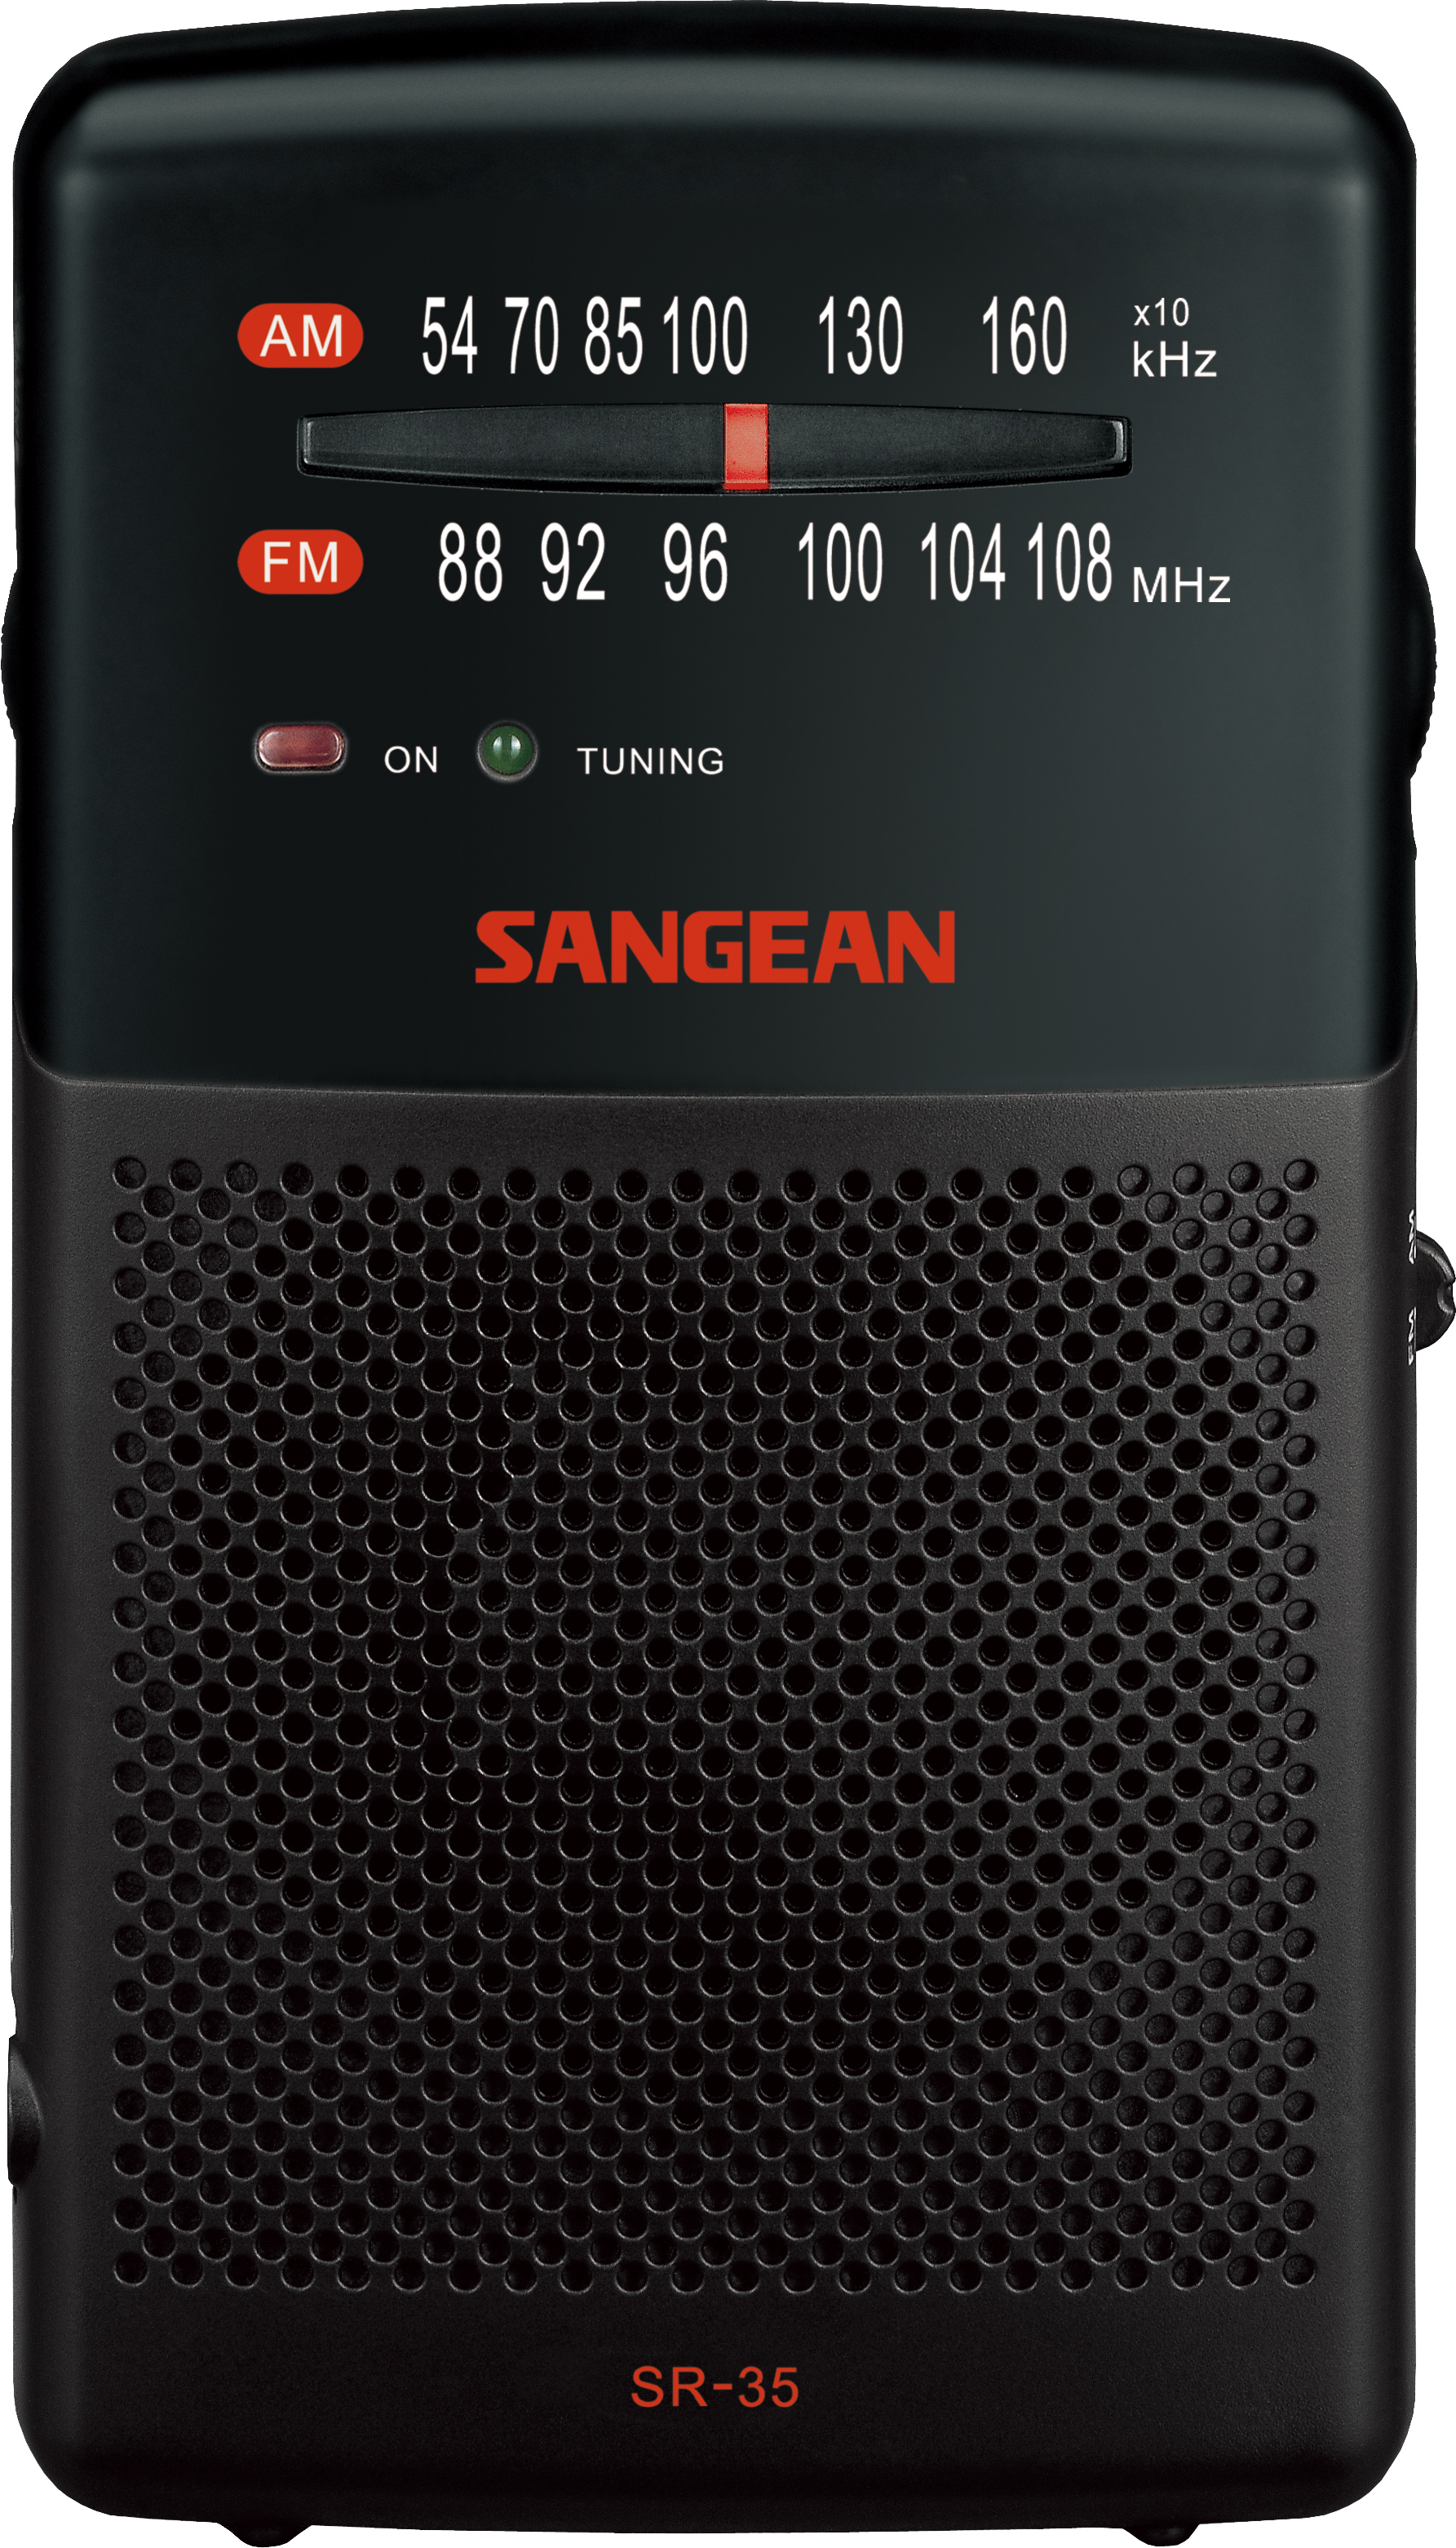 Sangean SR-35